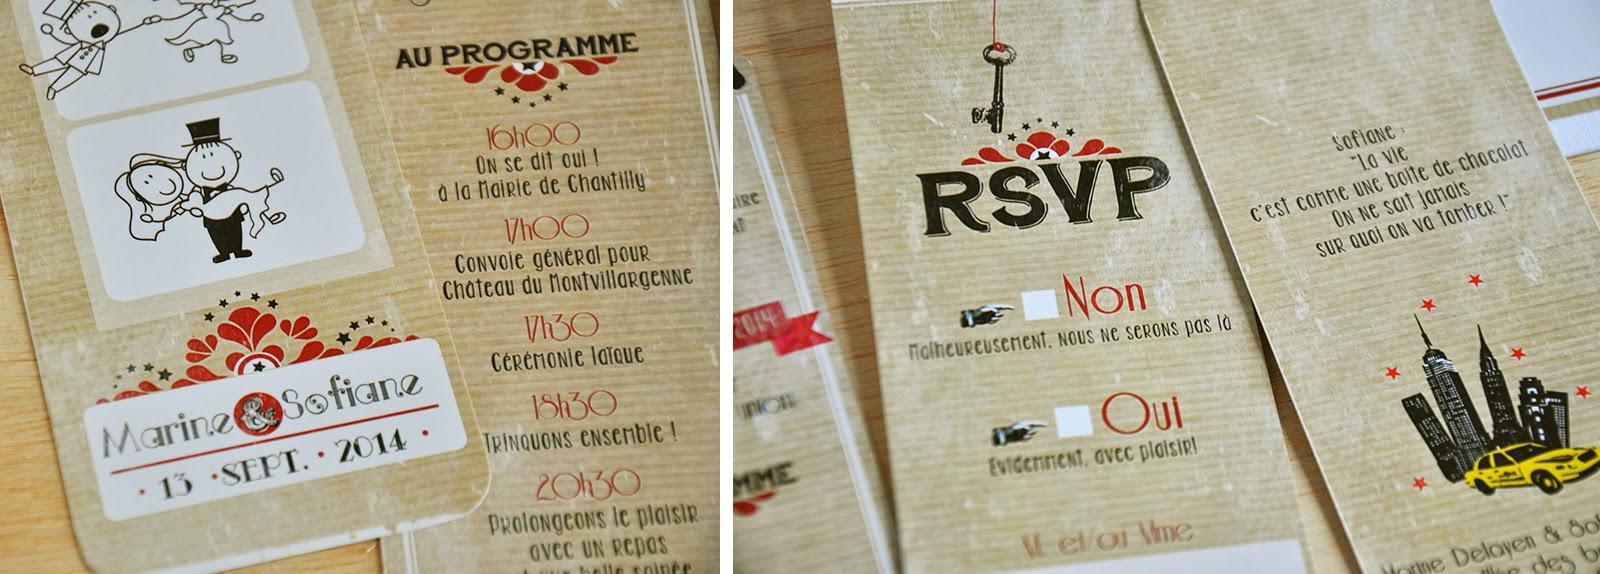 faire part de mariage photomaton dessin graphisme sur mesure 300gr 4 volets photomaton carton principal carton rsvp carton adresse - Faire Part Photomaton Mariage